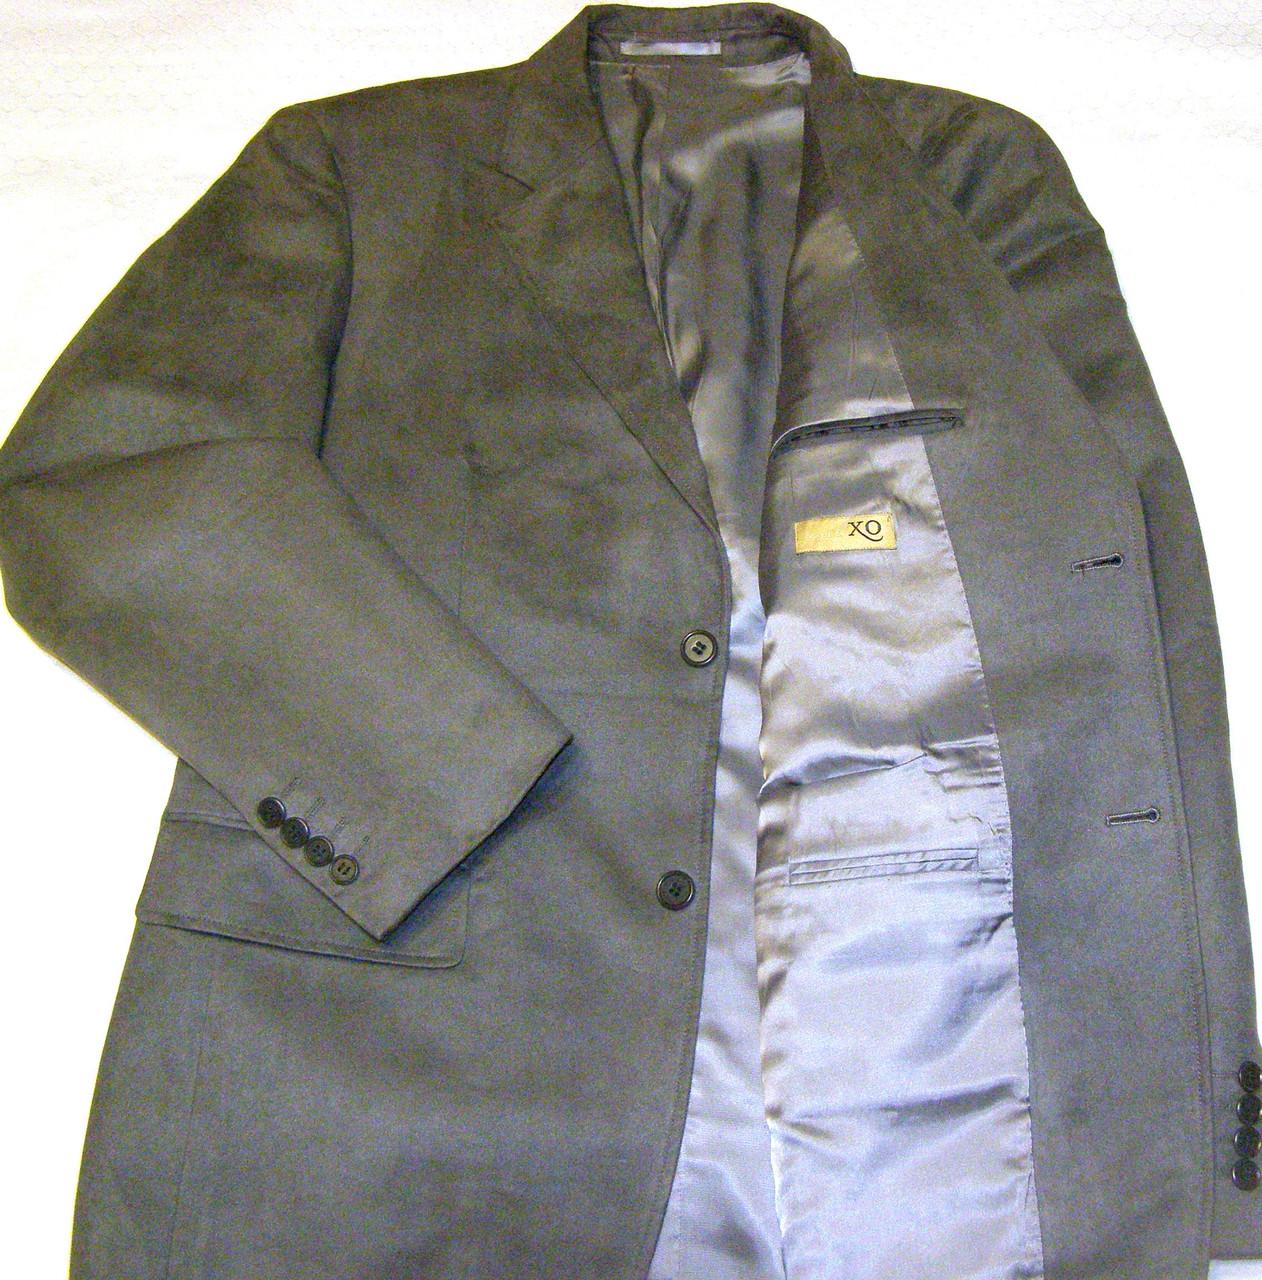 Пиджак замшевый ХO (50)